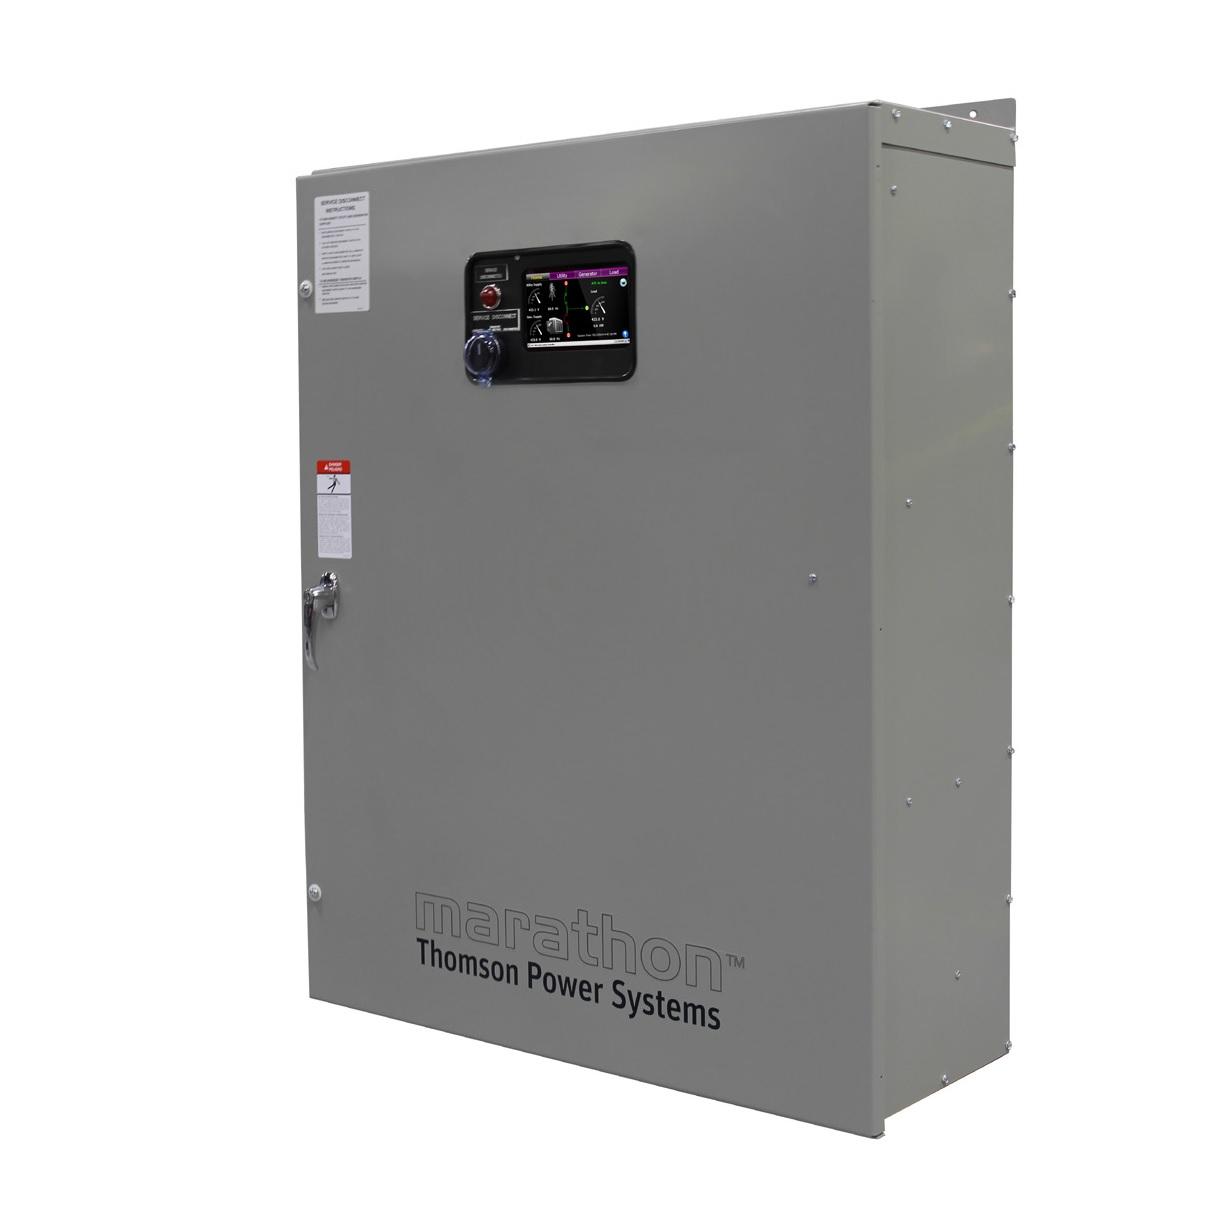 Thomson TS870 Auto Transfer Switch (1Ph, 600A)